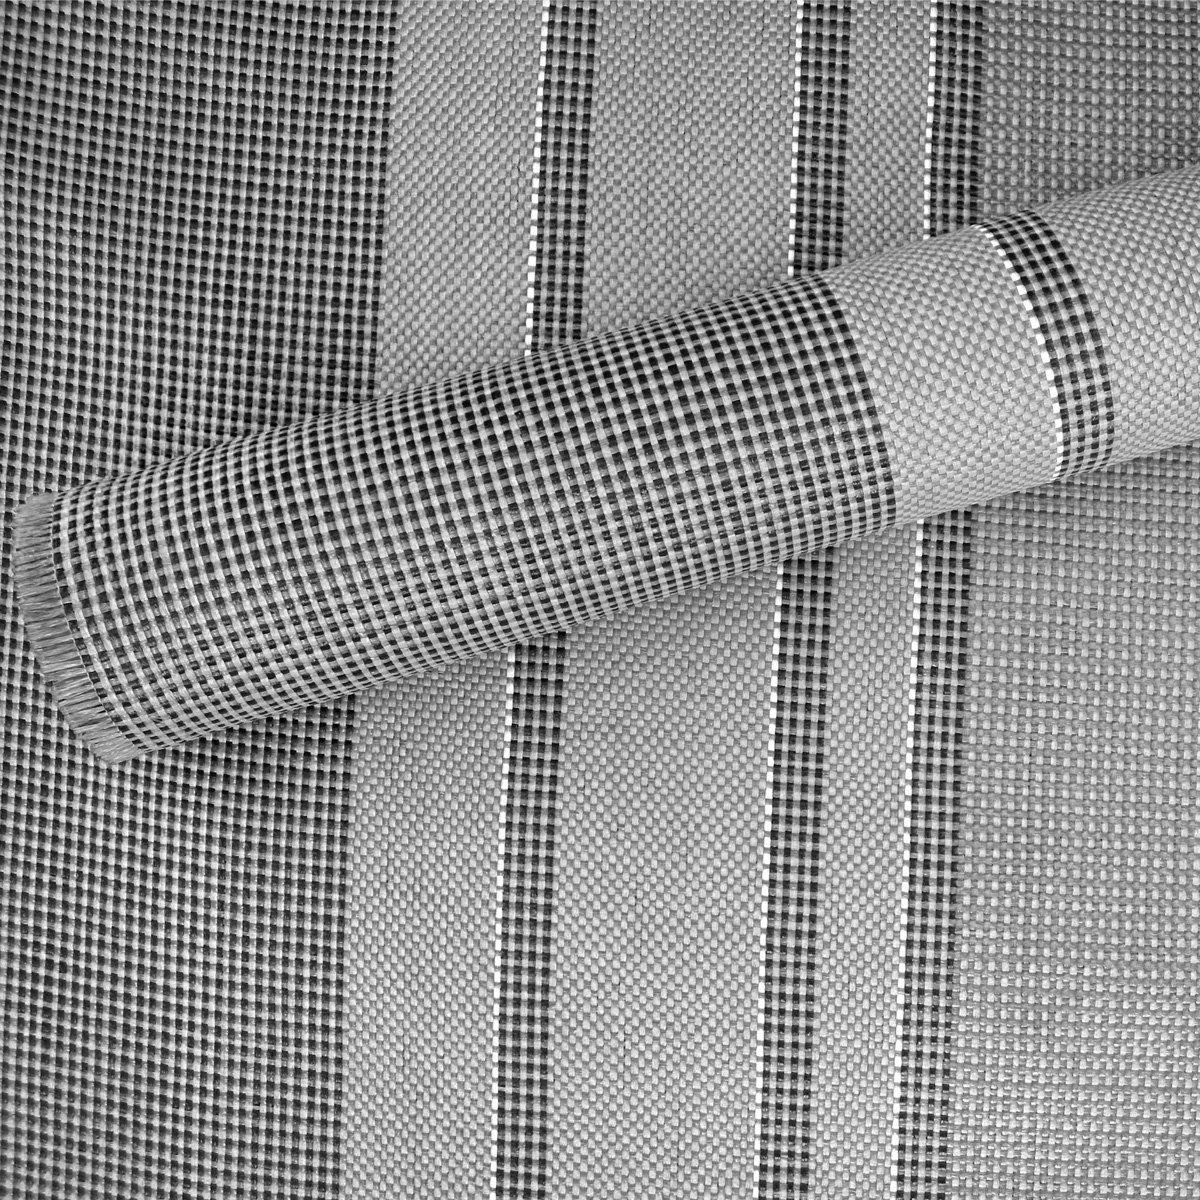 Vorzeltteppich Outdoorteppich 250x600 GRAU Zeltteppich Zeltunterlage Outdoor Camping Camping Camping Vorzelt Teppich Matte Campingteppich Vorzeltboden Zeltboden, für Balkon Terasse, XL Picknickdecke Poolunterlage B07256HTZF Zeltbden Moderne und elegante Mode 3fa19c